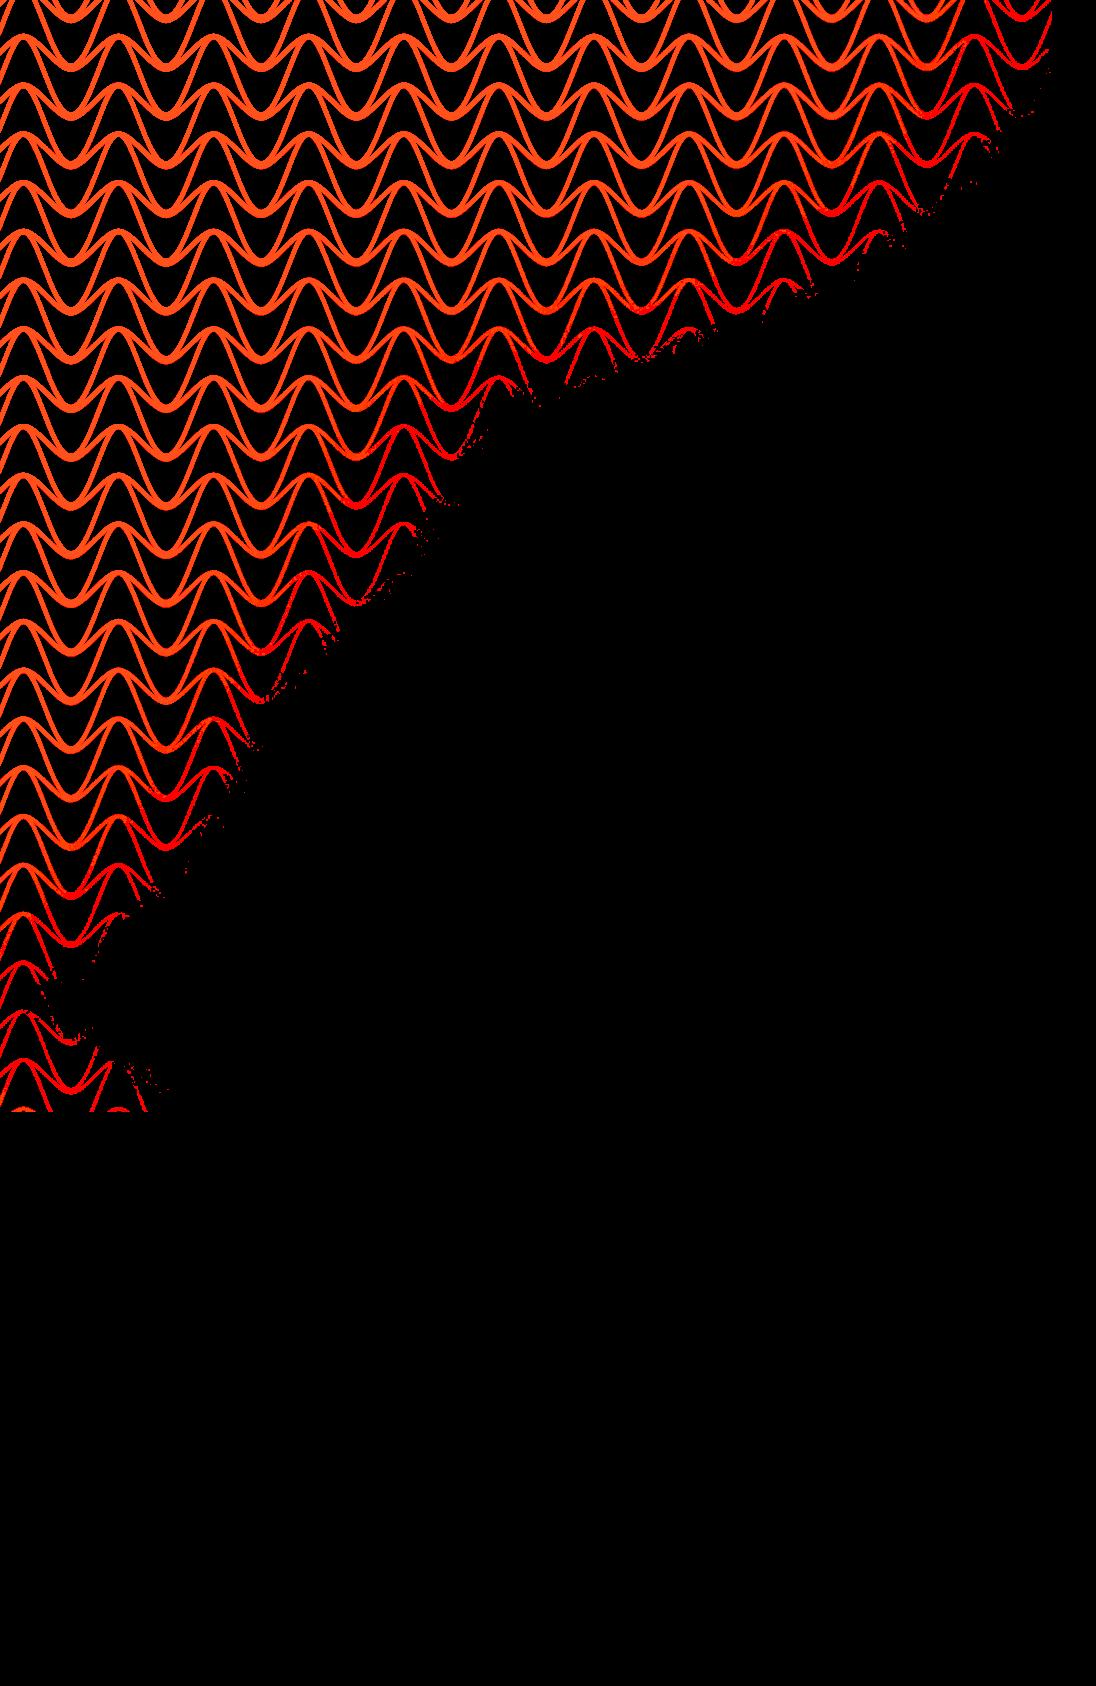 wavecel texture